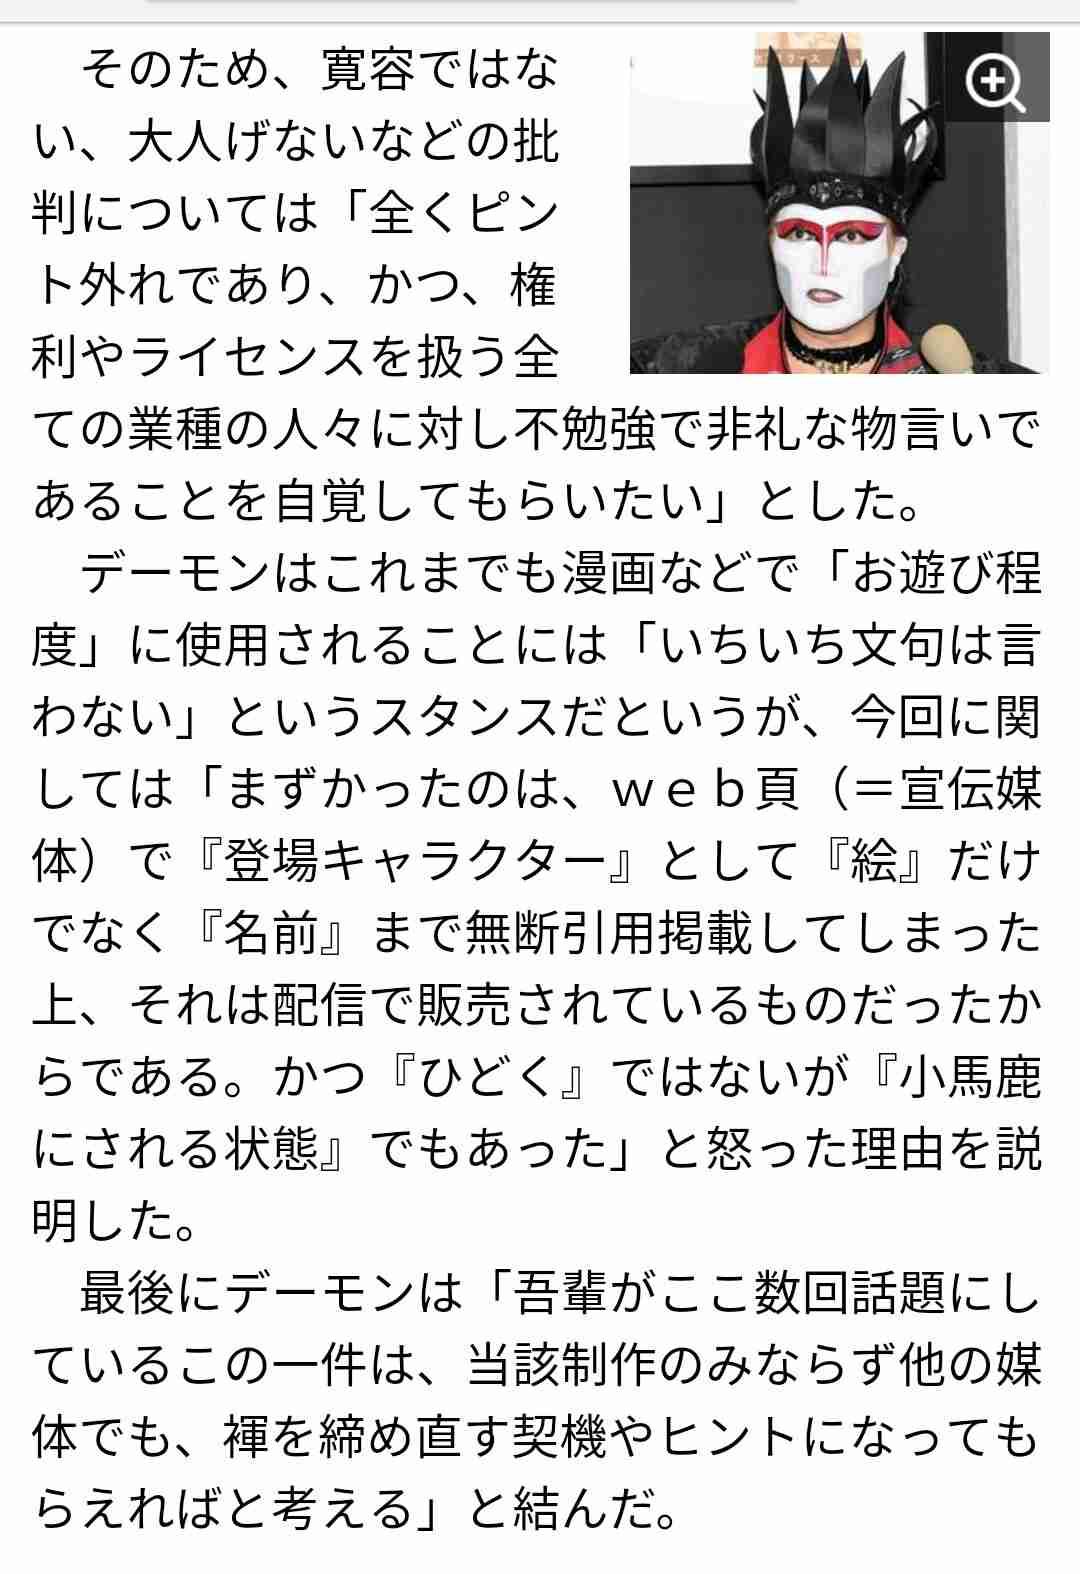 デーモン閣下 NHKの謝罪受け「反省点を生かしてもらいたい」 対応を評価